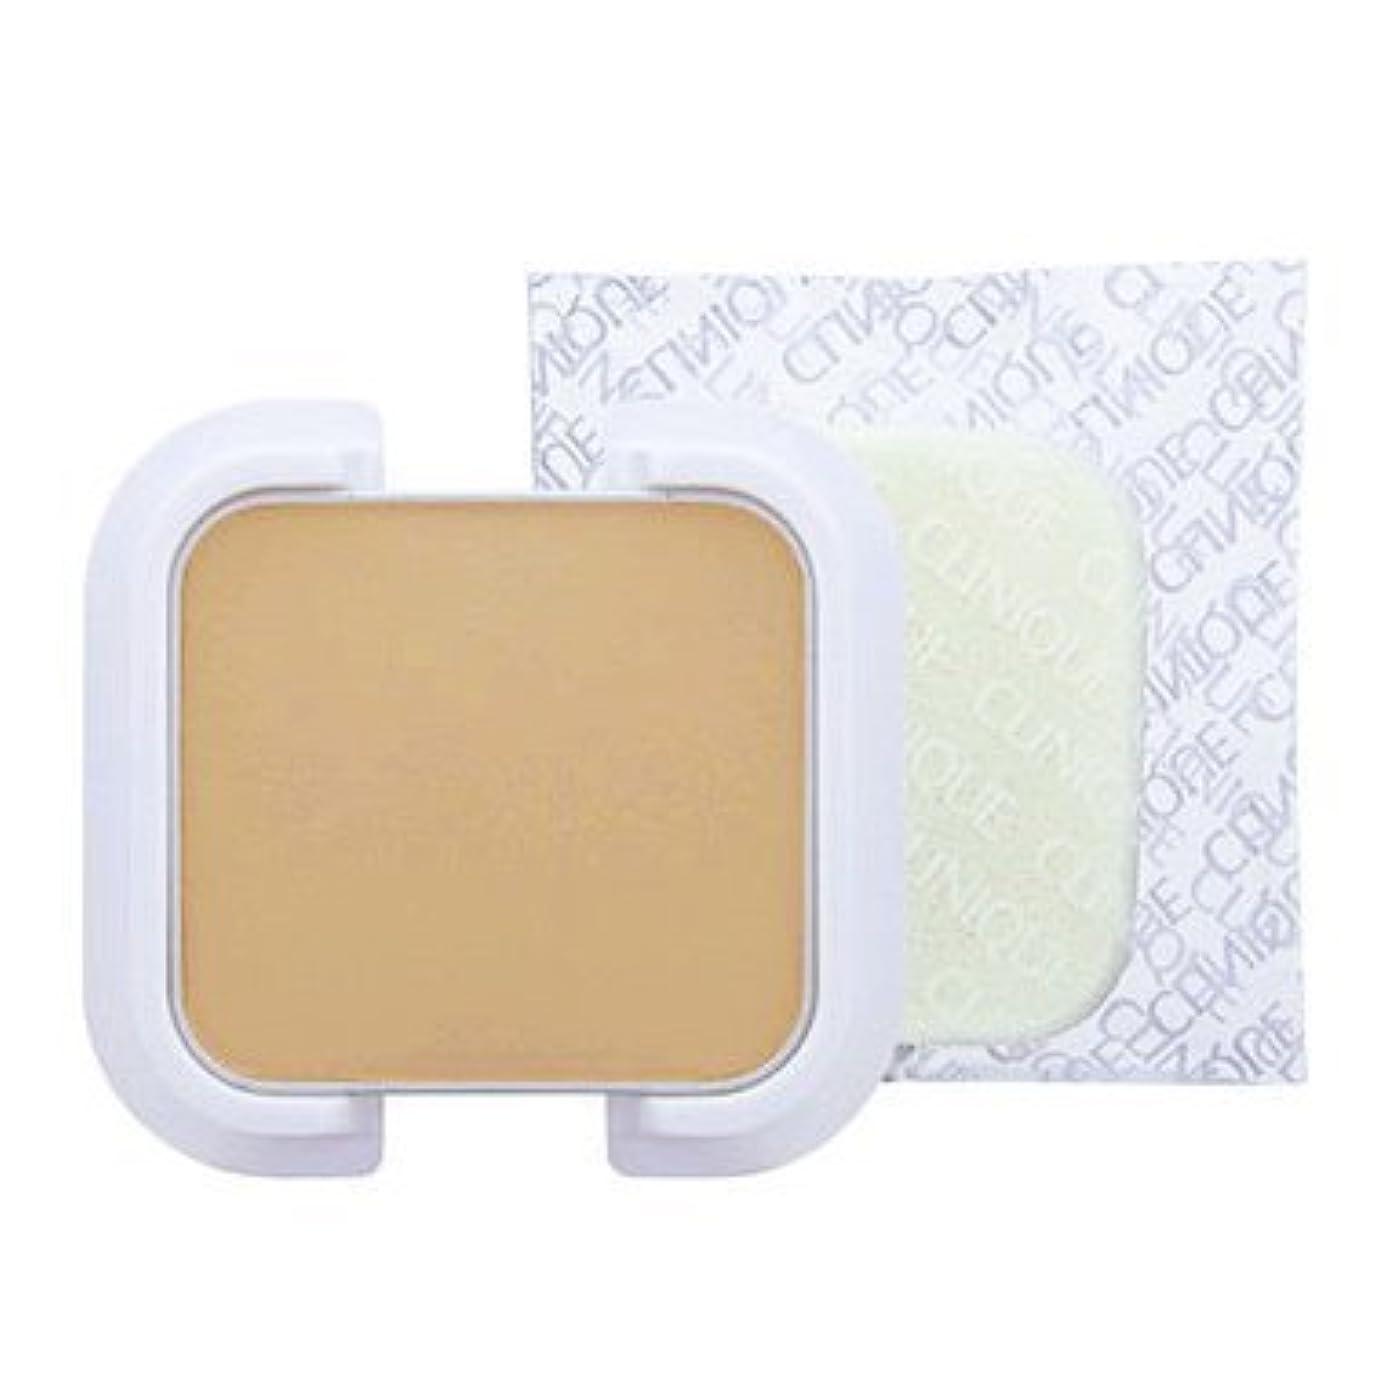 失う滝国内のCLINIQUE クリニーク イーブン ベター パウダー メークアップ ウォーター ヴェール 27 (リフィル) #64 cream beige SPF27/PA+++ 10g [並行輸入品]